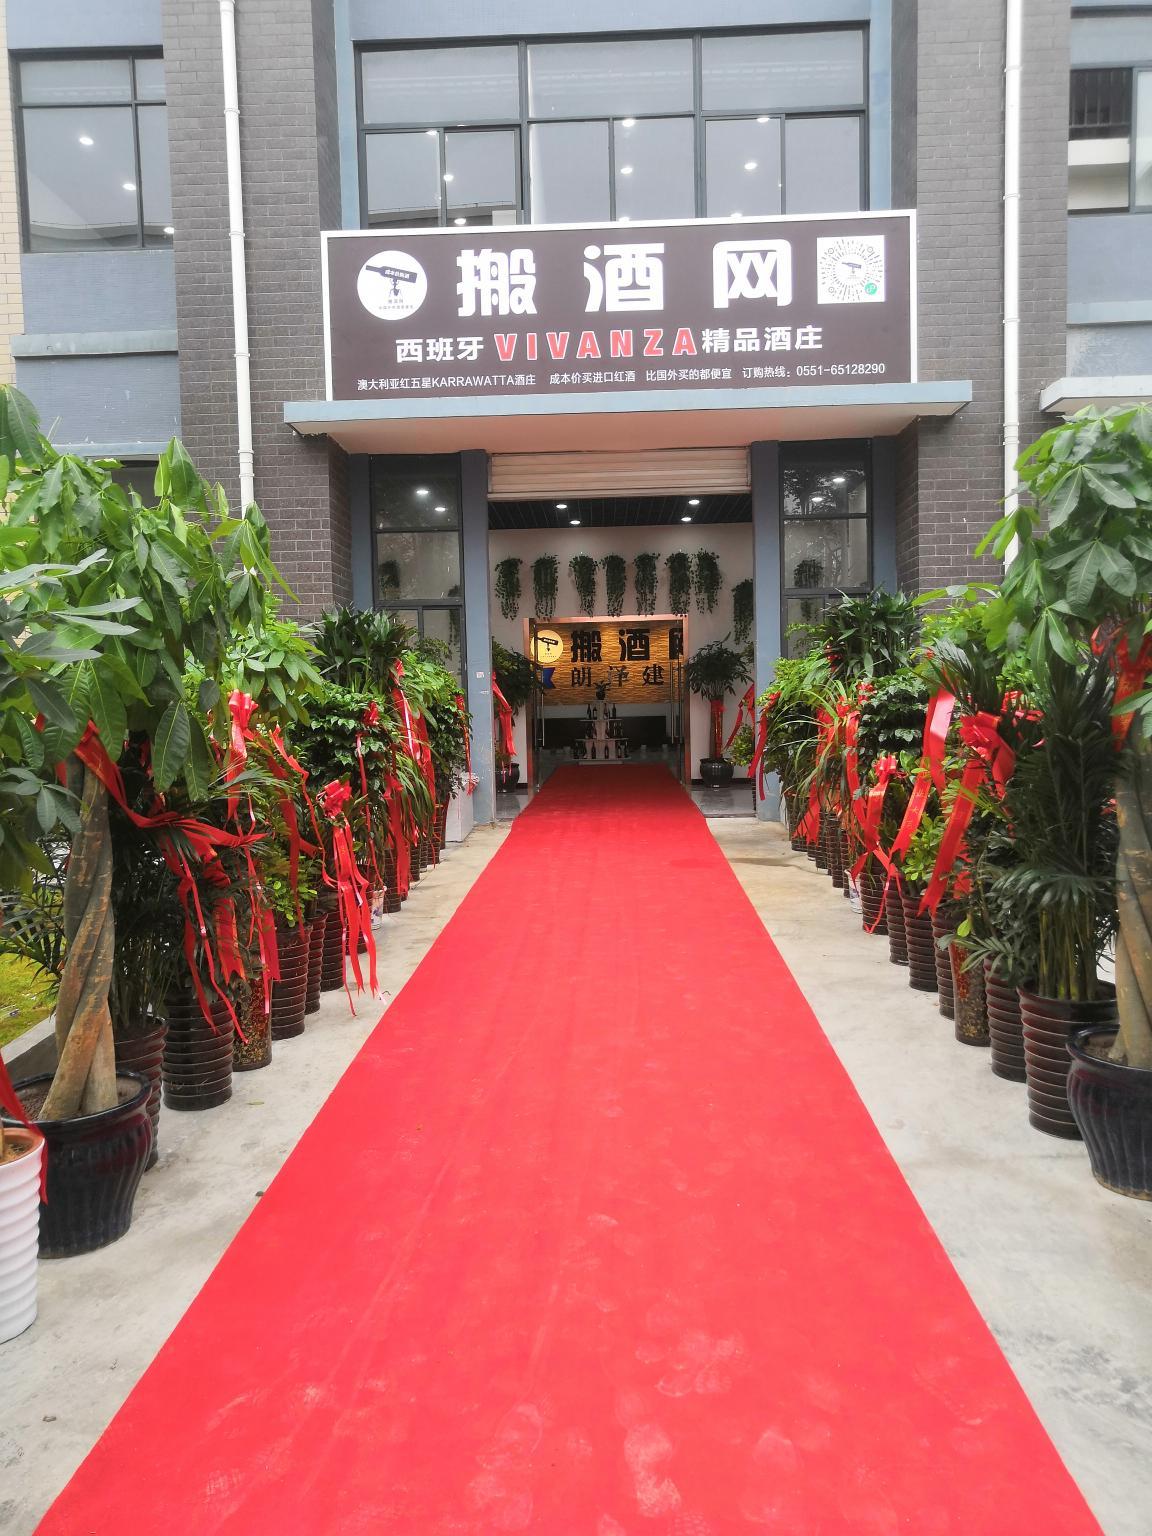 搬酒网——为中国消费者打造的进口红酒一站式消费平台